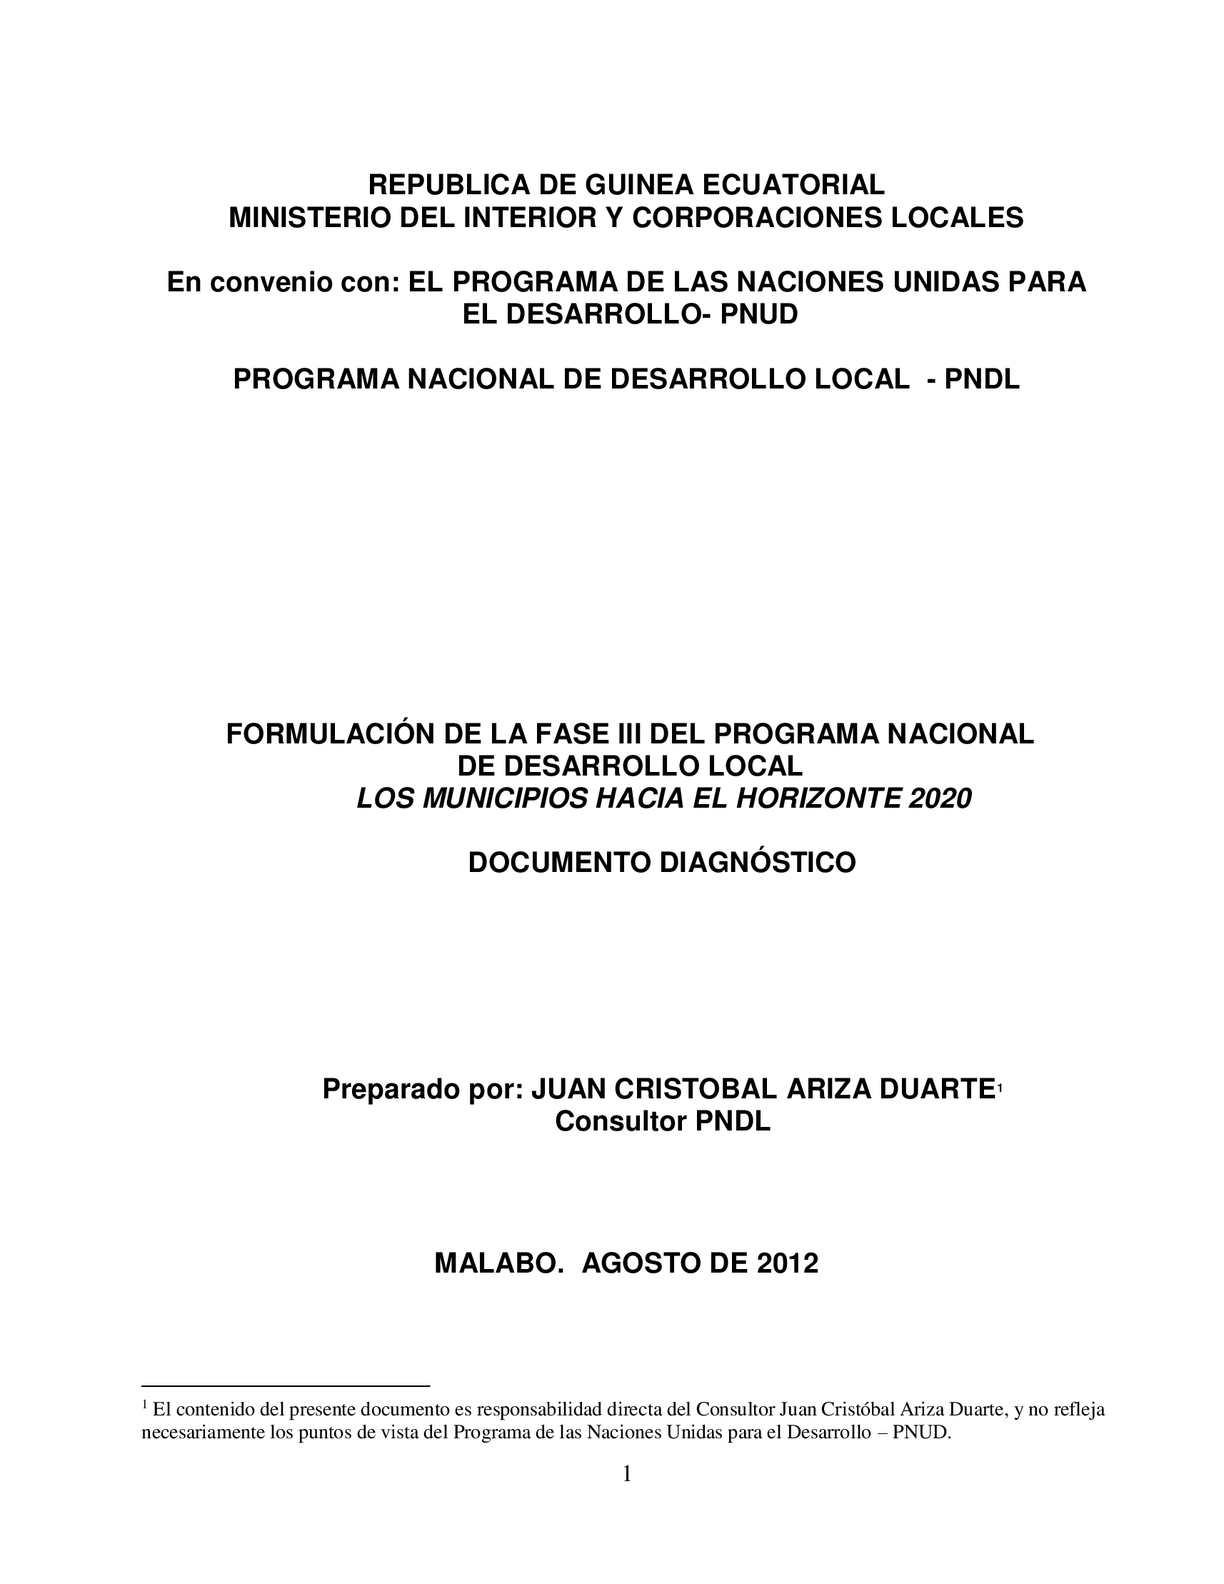 Calam o guinea ecuatorial diagnostico institucional para for Sueldos ministerio del interior